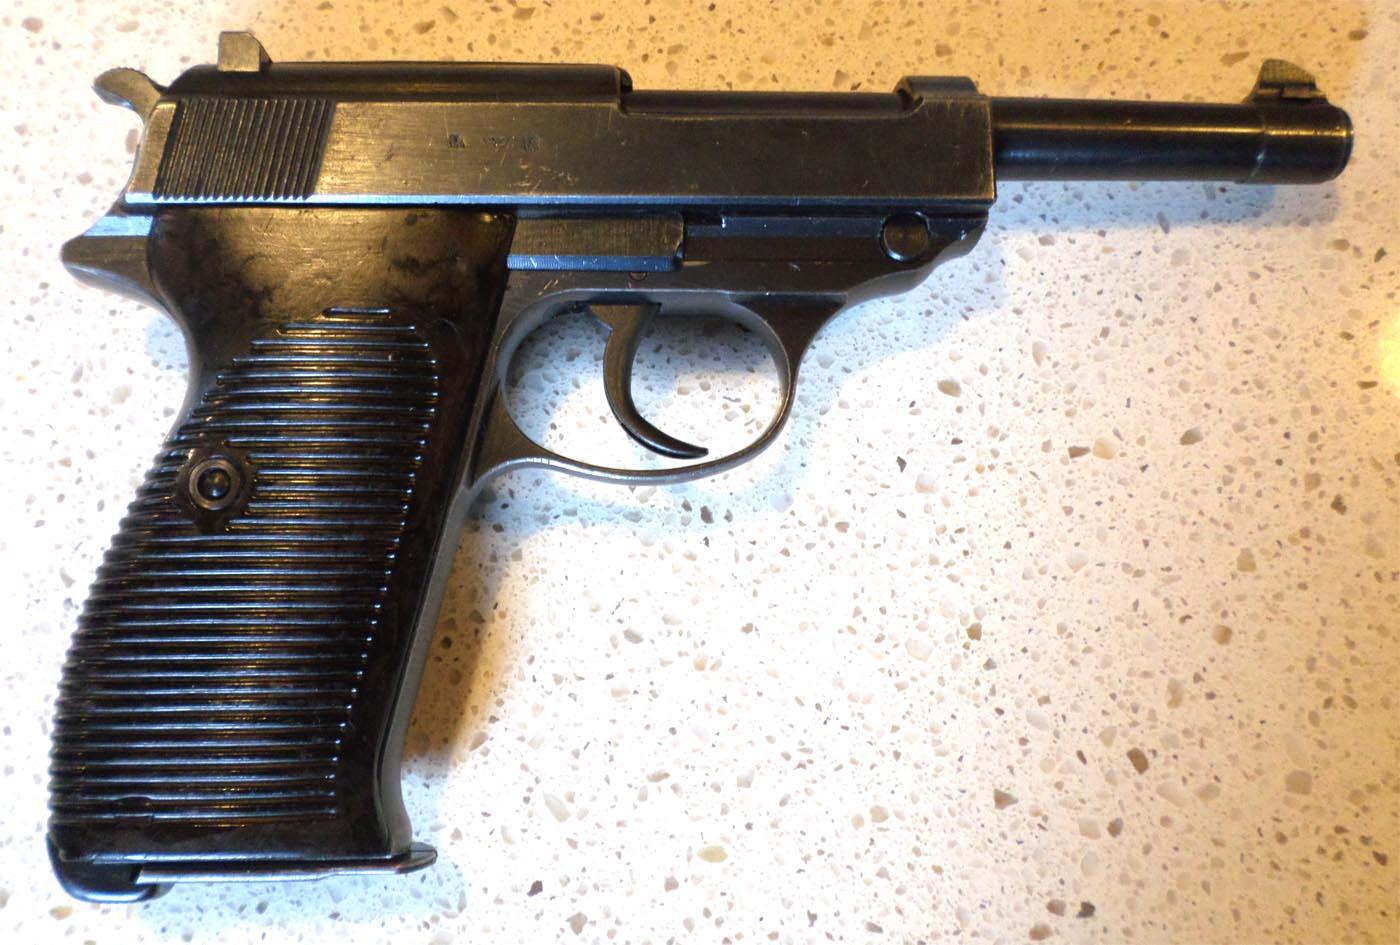 datant fusils Ruger rencontres dans le Royaume-Uni noir concurrents 2011